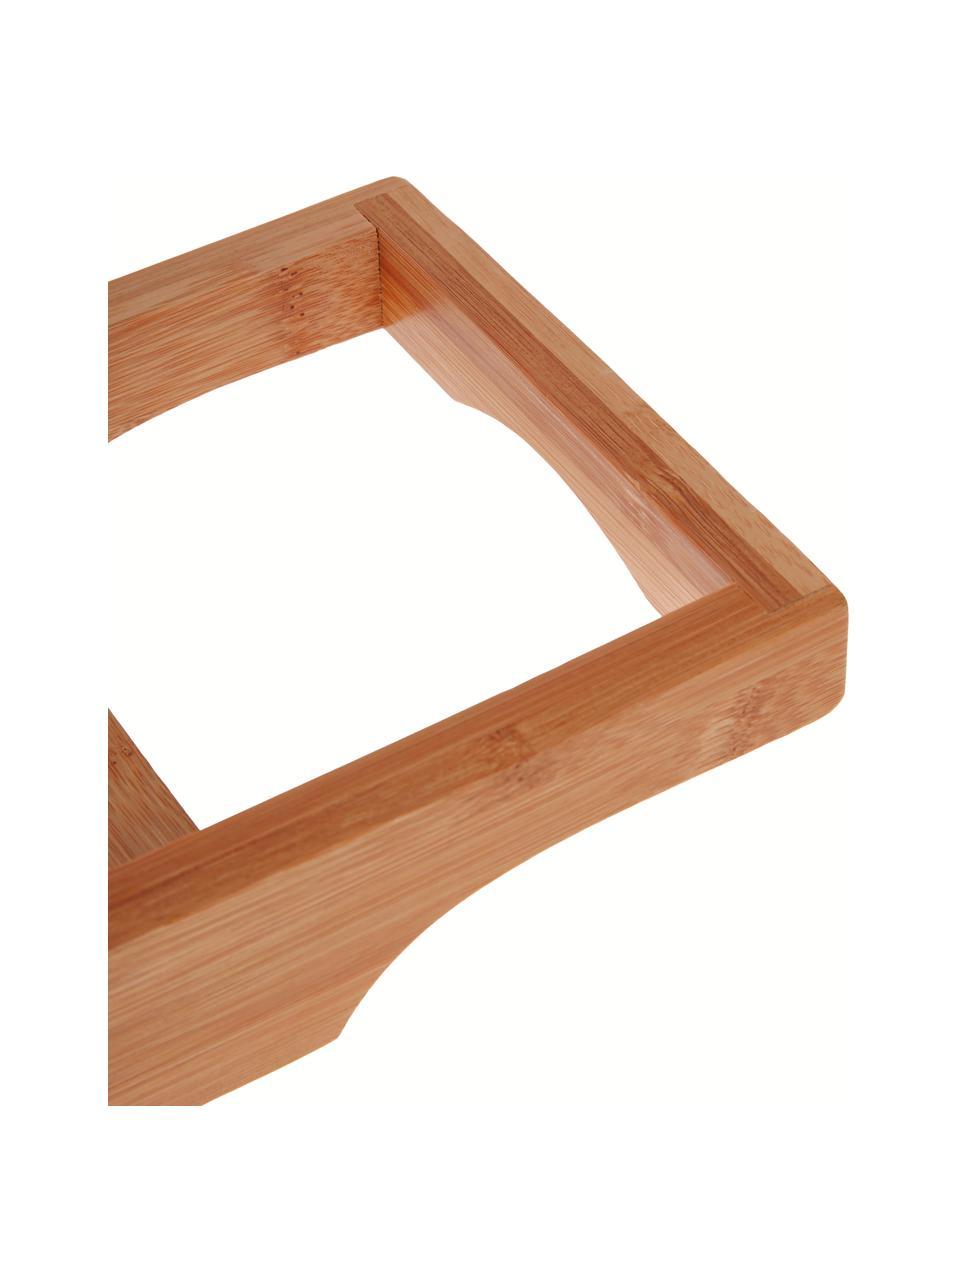 Półka do wanny z drewna bambusowego Bambel, Bambus, Brązowy, S 70 x W 5 cm